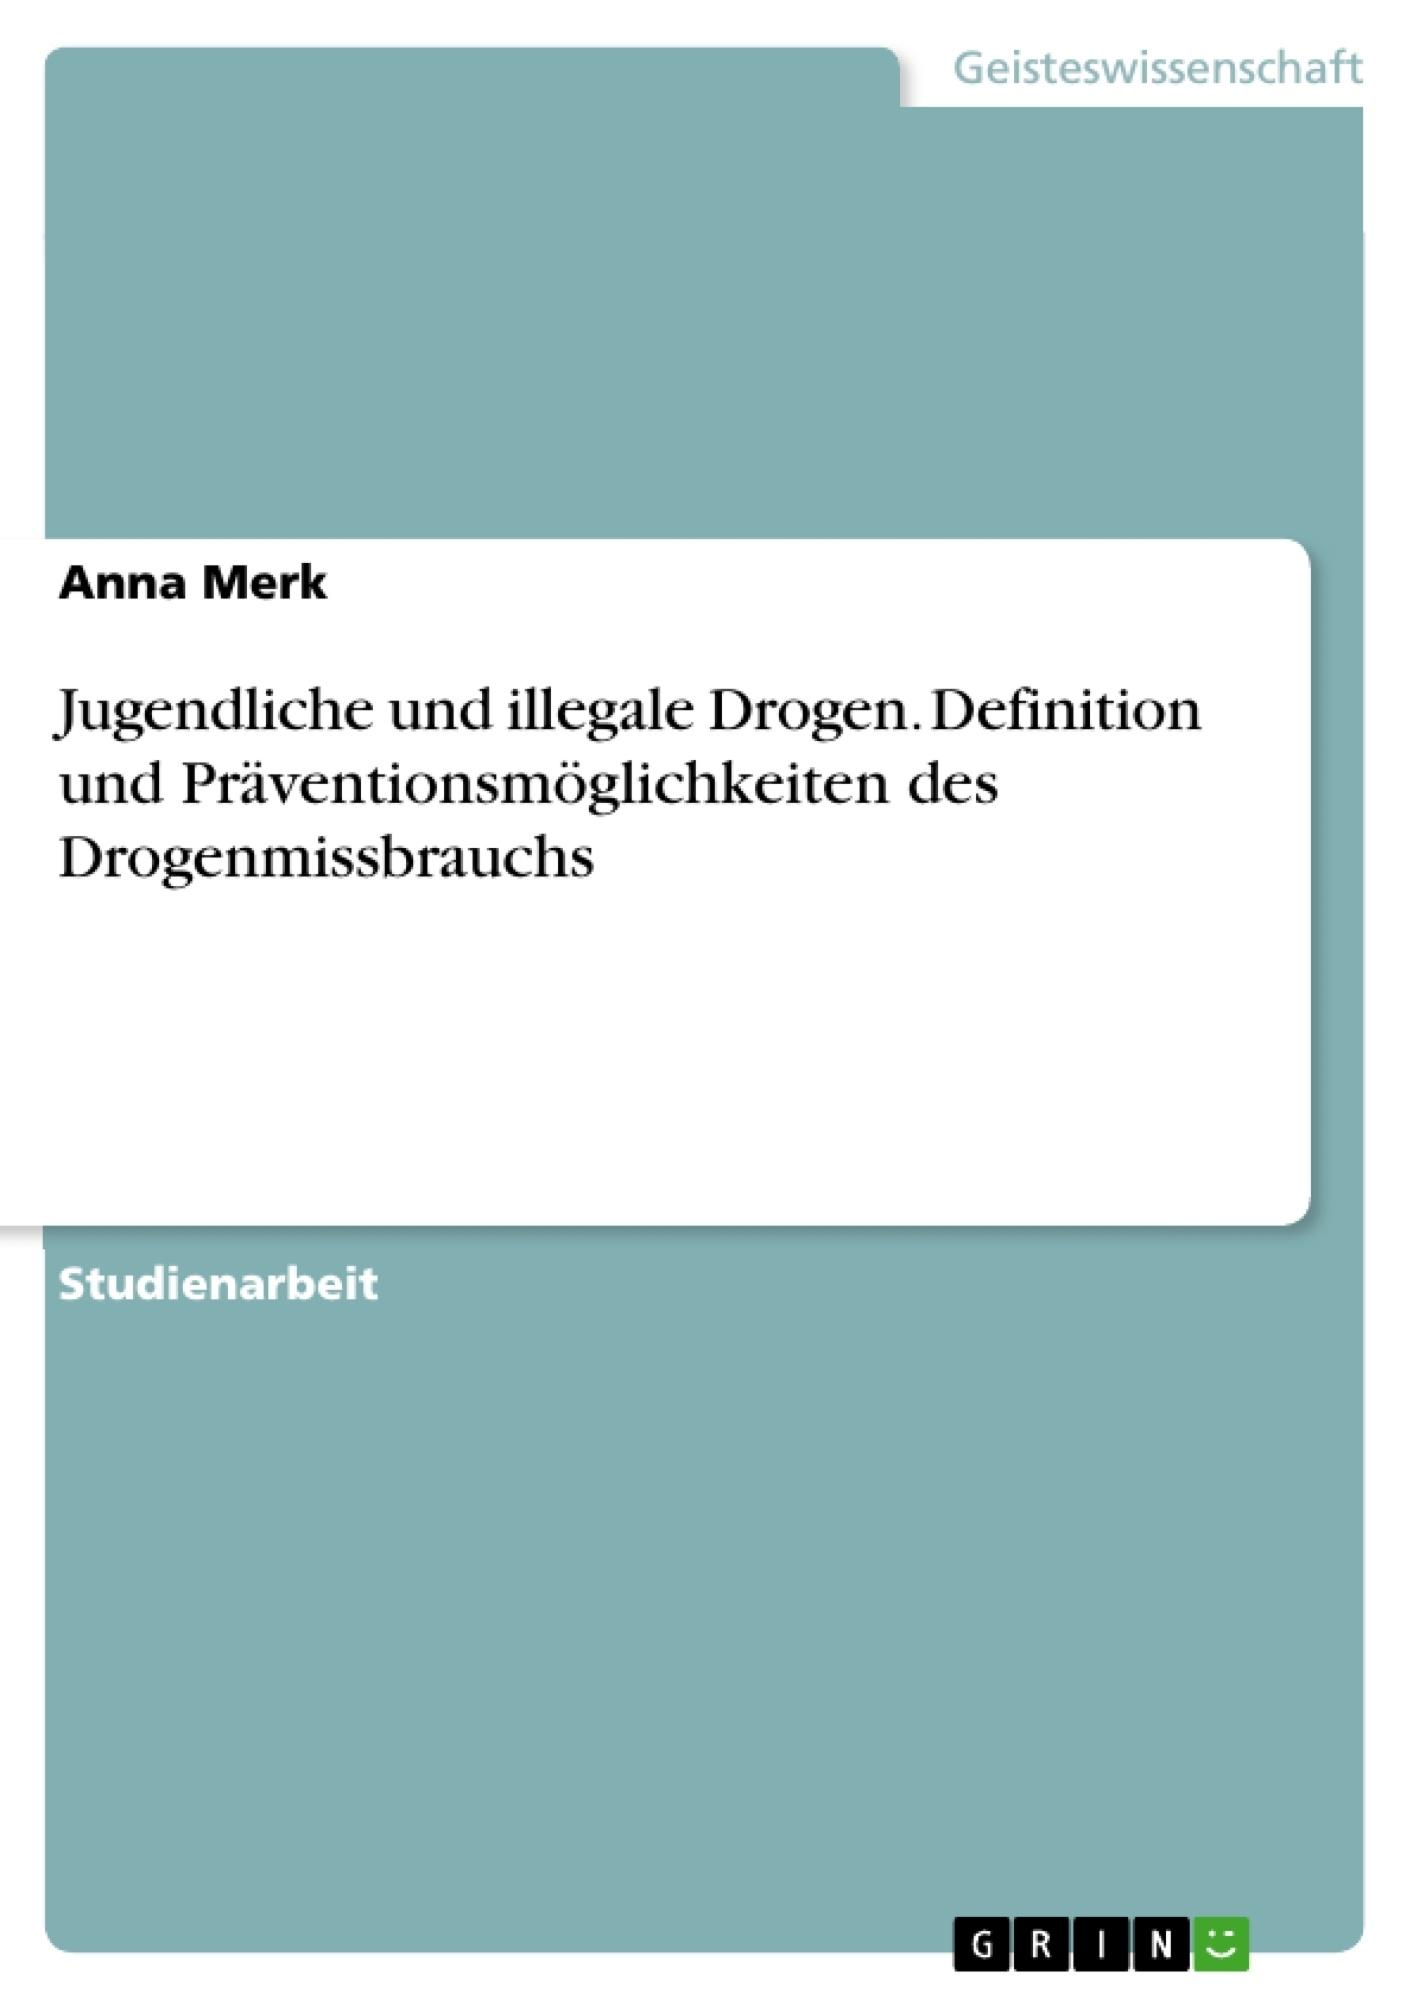 Titel: Jugendliche und illegale Drogen. Definition und Präventionsmöglichkeiten des Drogenmissbrauchs